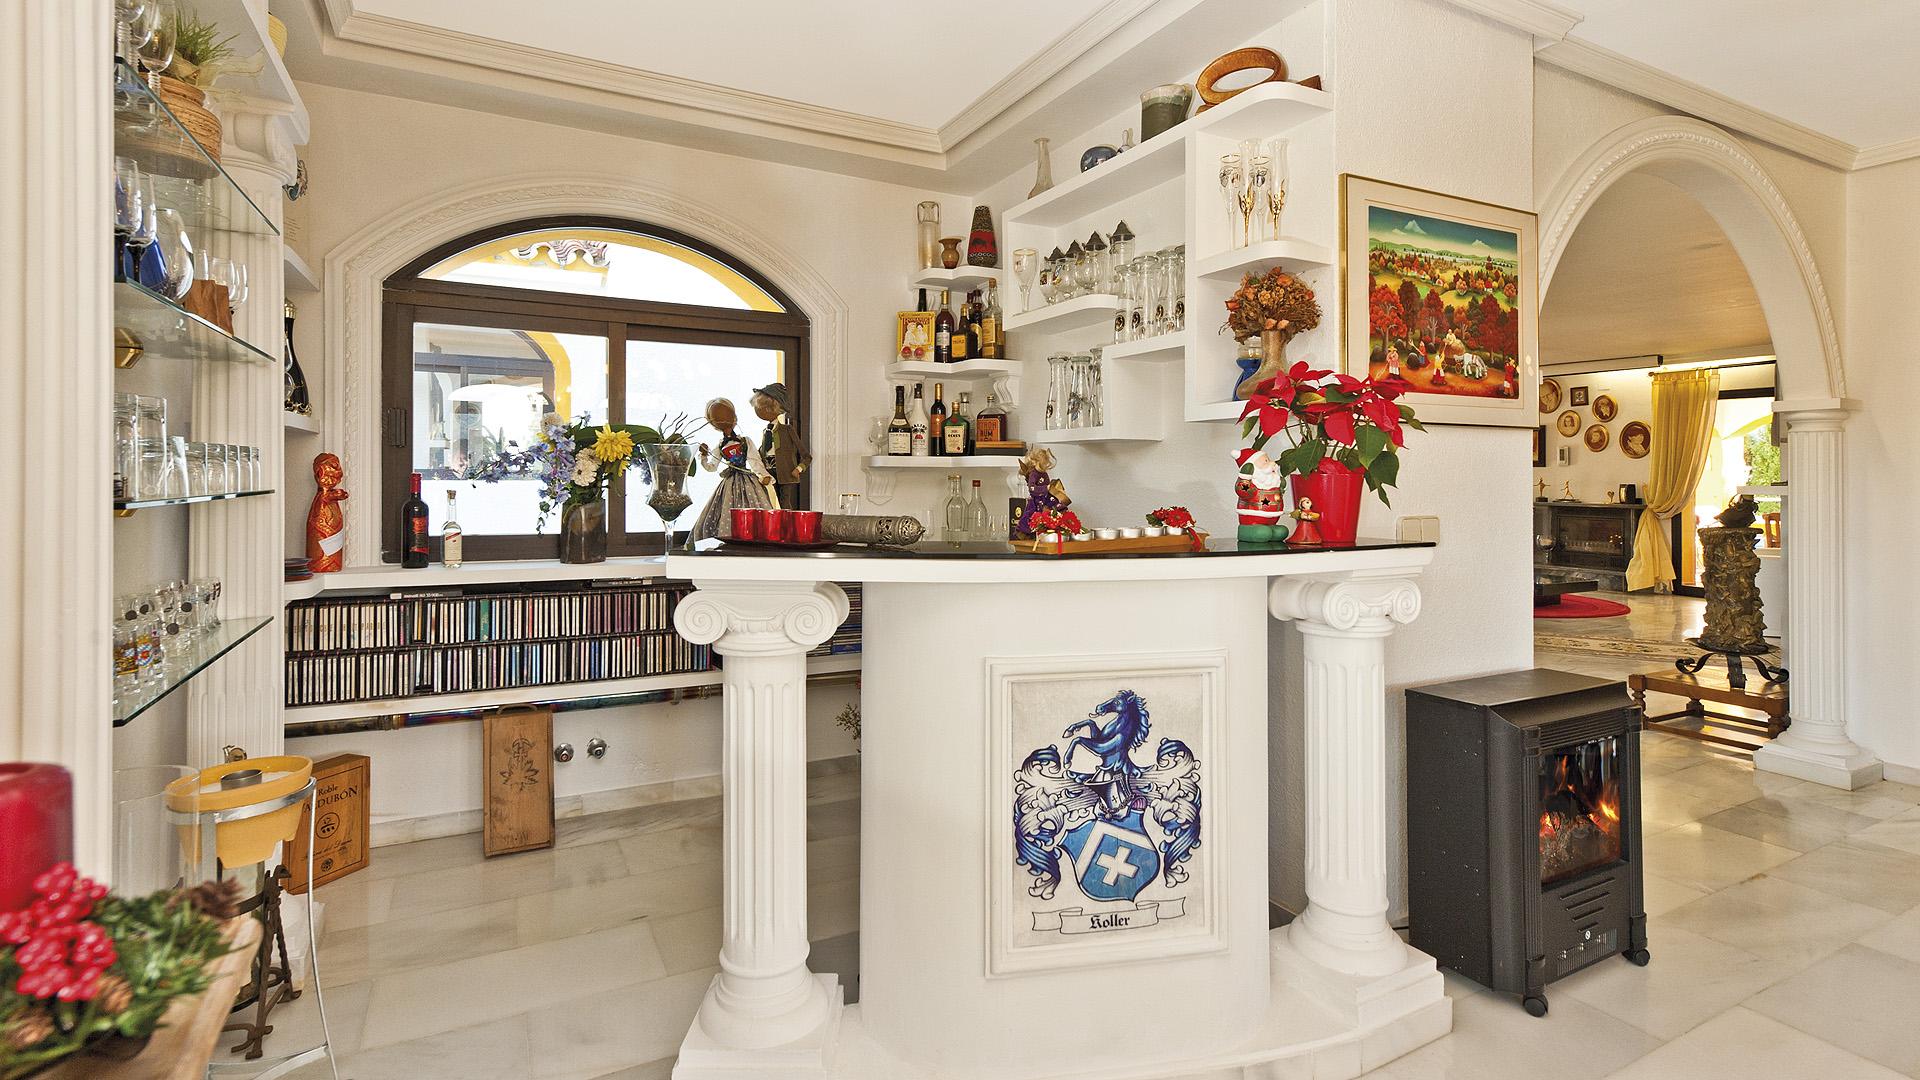 Apartment for Sale in Puerto,  Marbella - Puerto Banus